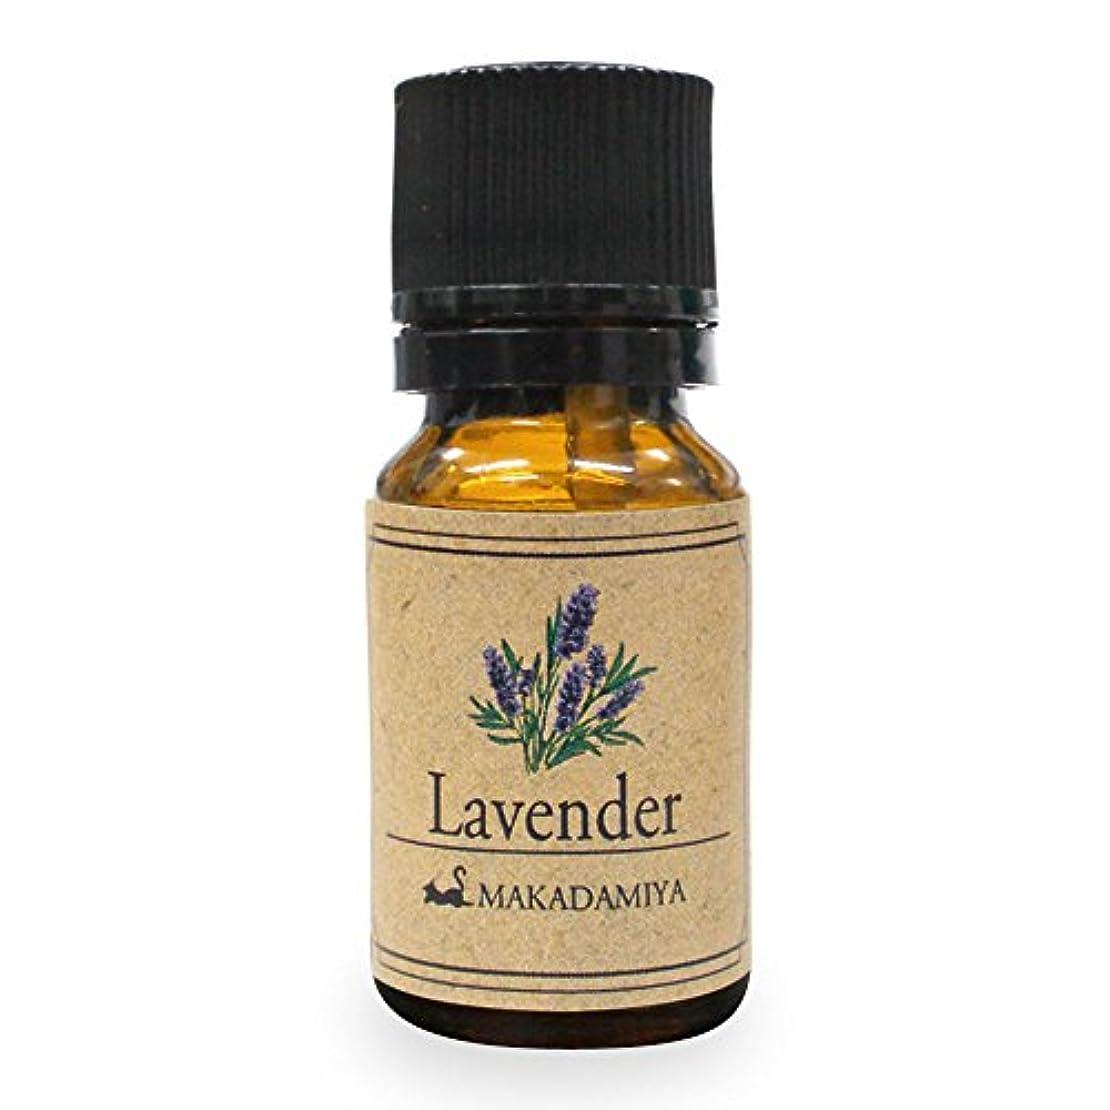 高架ユニークな帰るラベンダー10ml 天然100%植物性 エッセンシャルオイル(精油) アロマオイル アロママッサージ aroma Lavender